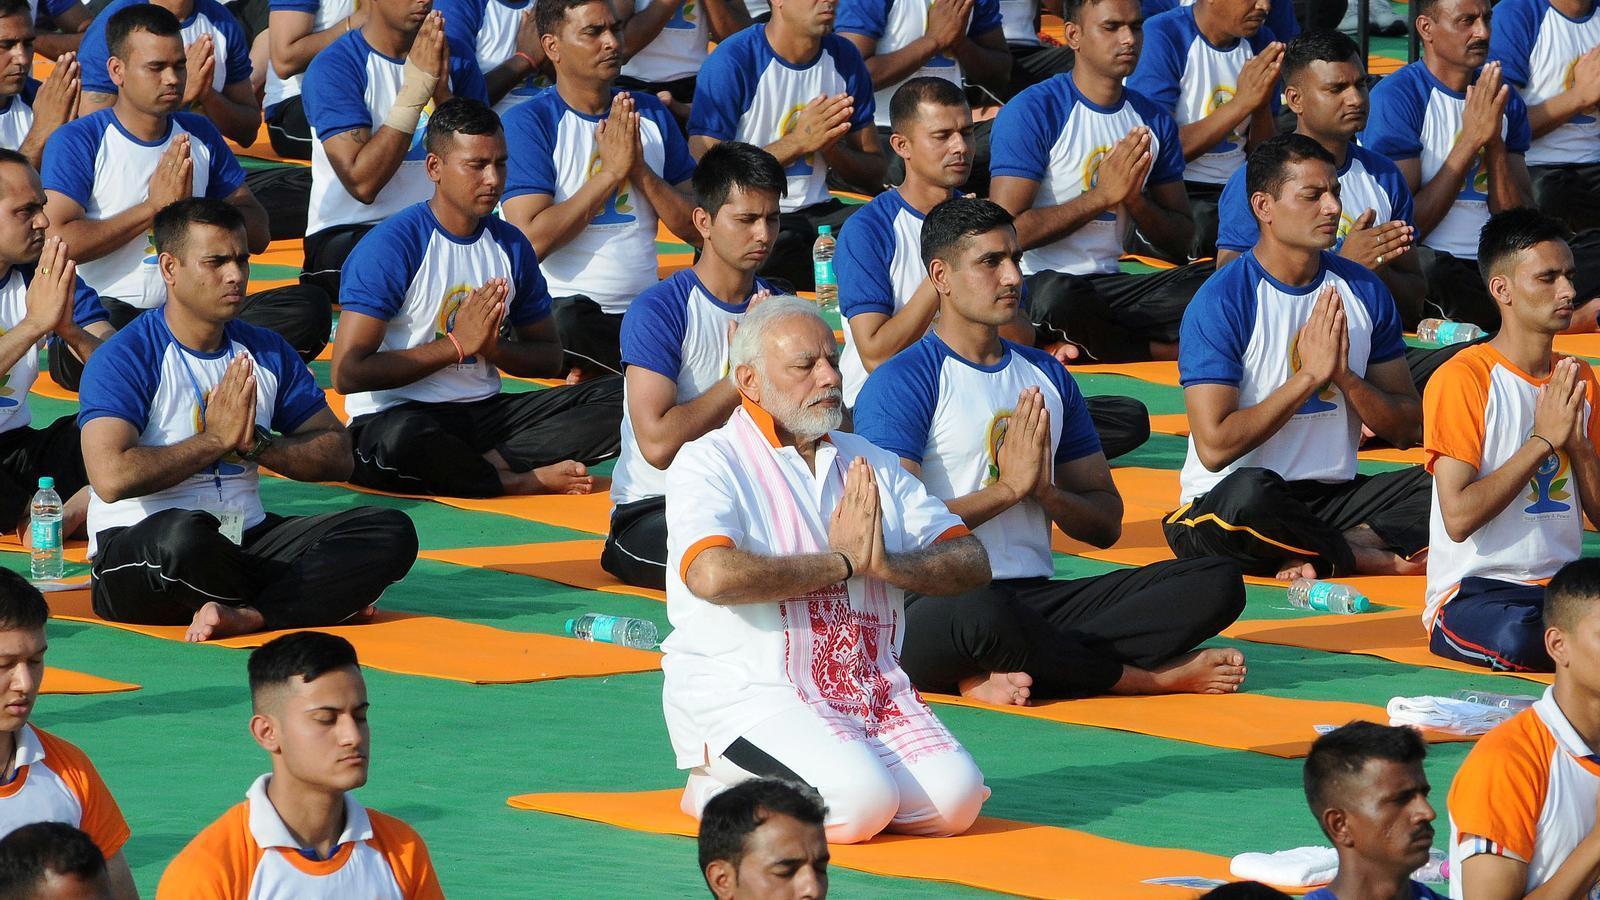 El primer ministre indi, Narendra Modi, fent ioga aquest dijous a Dehradun, al nord de l'Índia